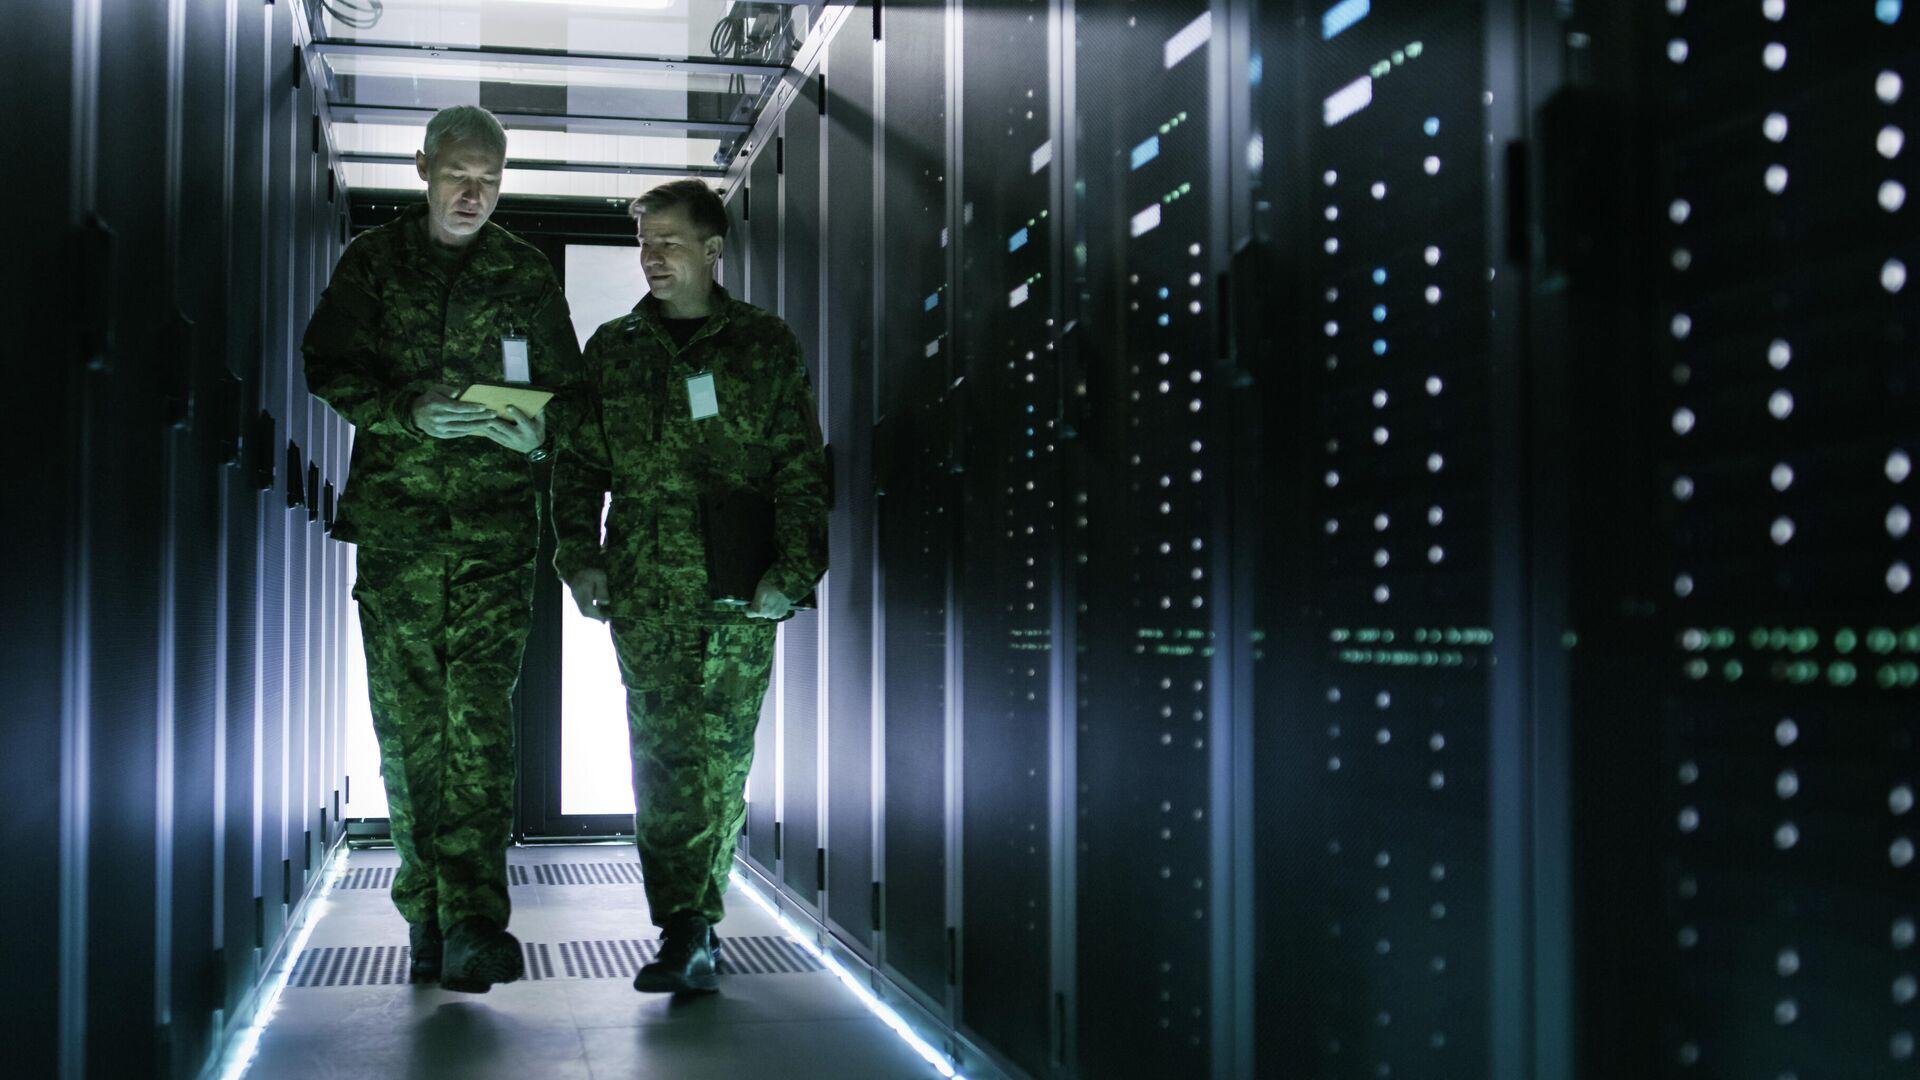 Военные в центре обработки данных - РИА Новости, 1920, 28.06.2021